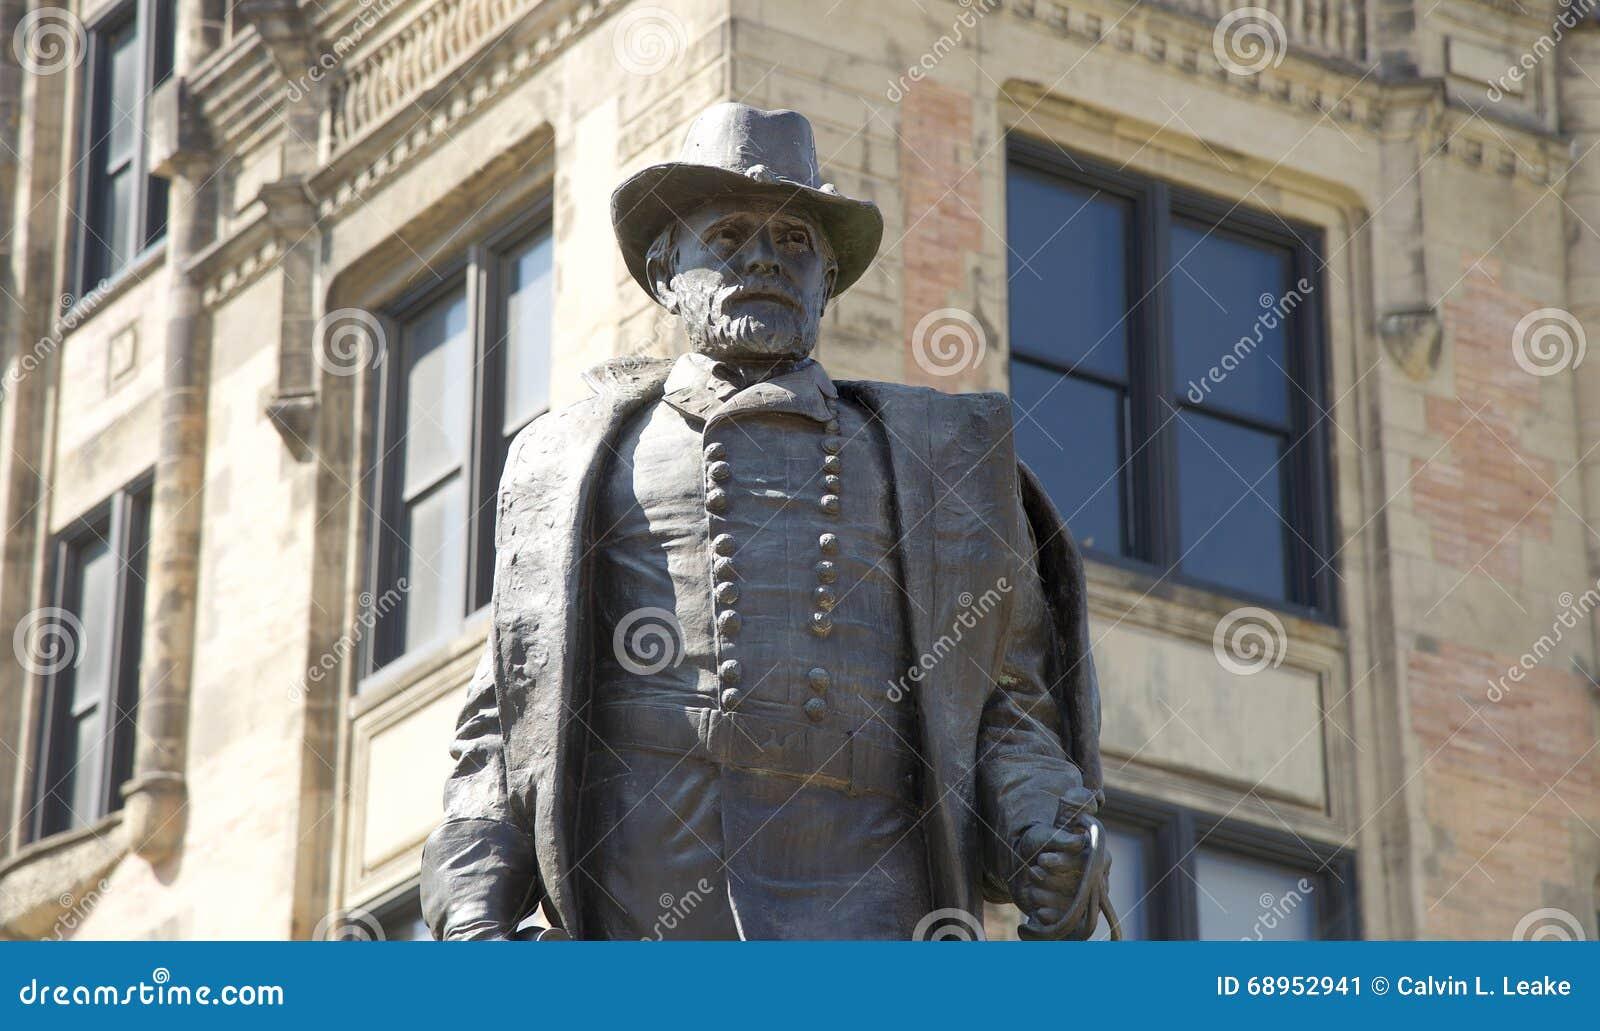 De close-up van Ulysses S Grant Statue